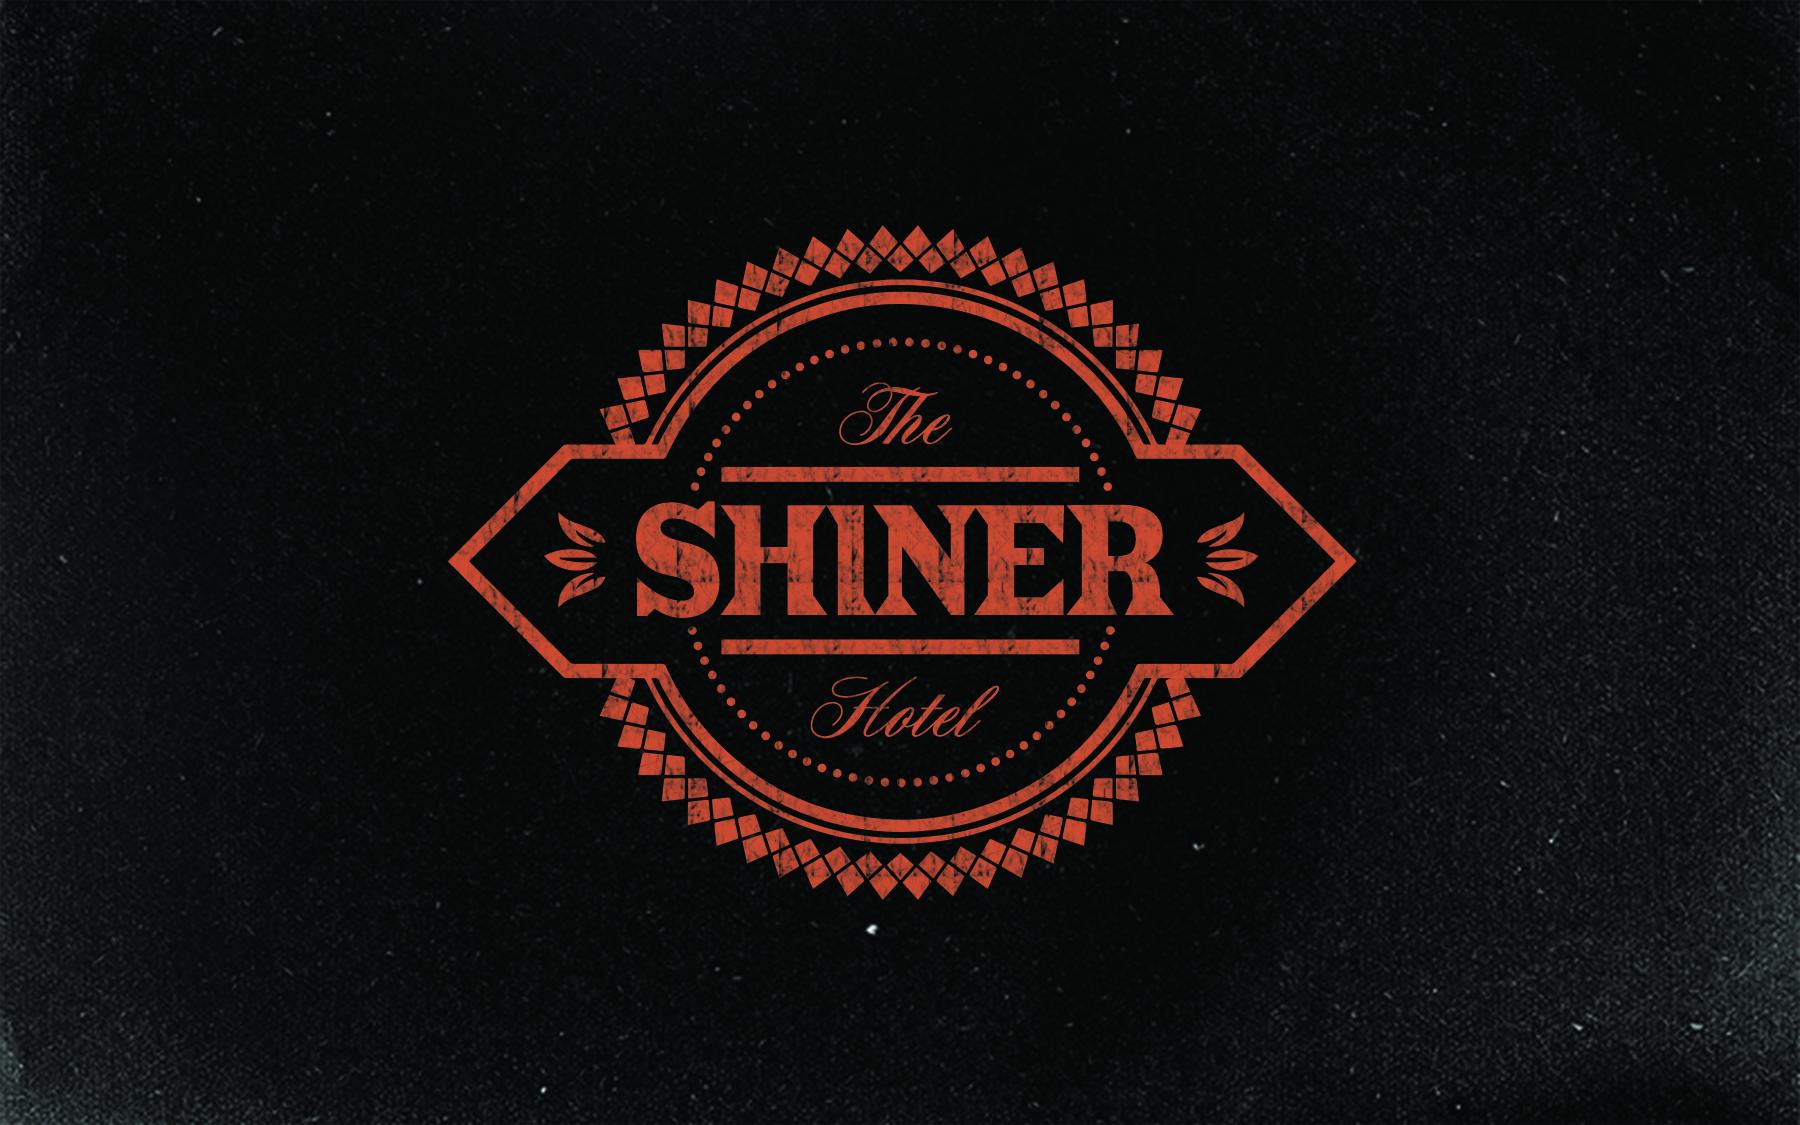 shiner_hotel_logos5a.jpg